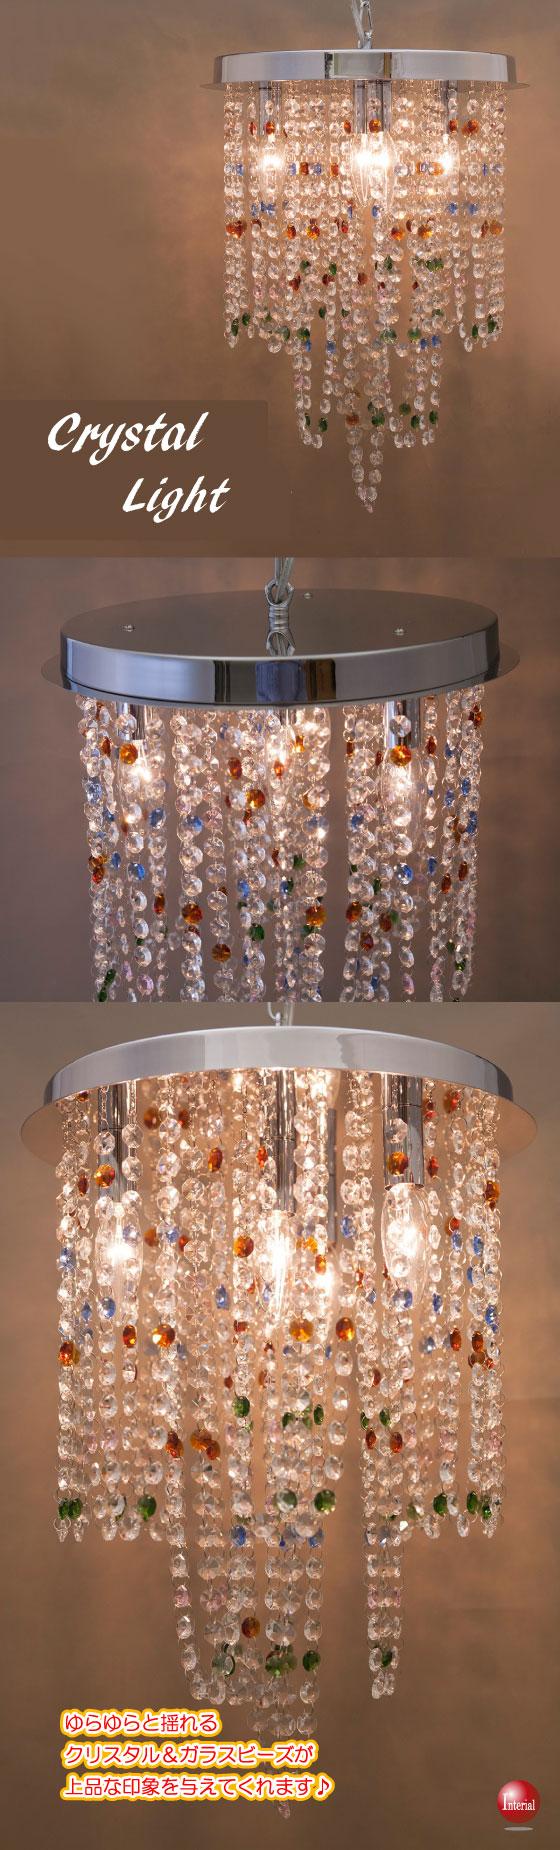 クリスタルガラス製・ゴージャス4灯ペンダントライト(LED電球対応)